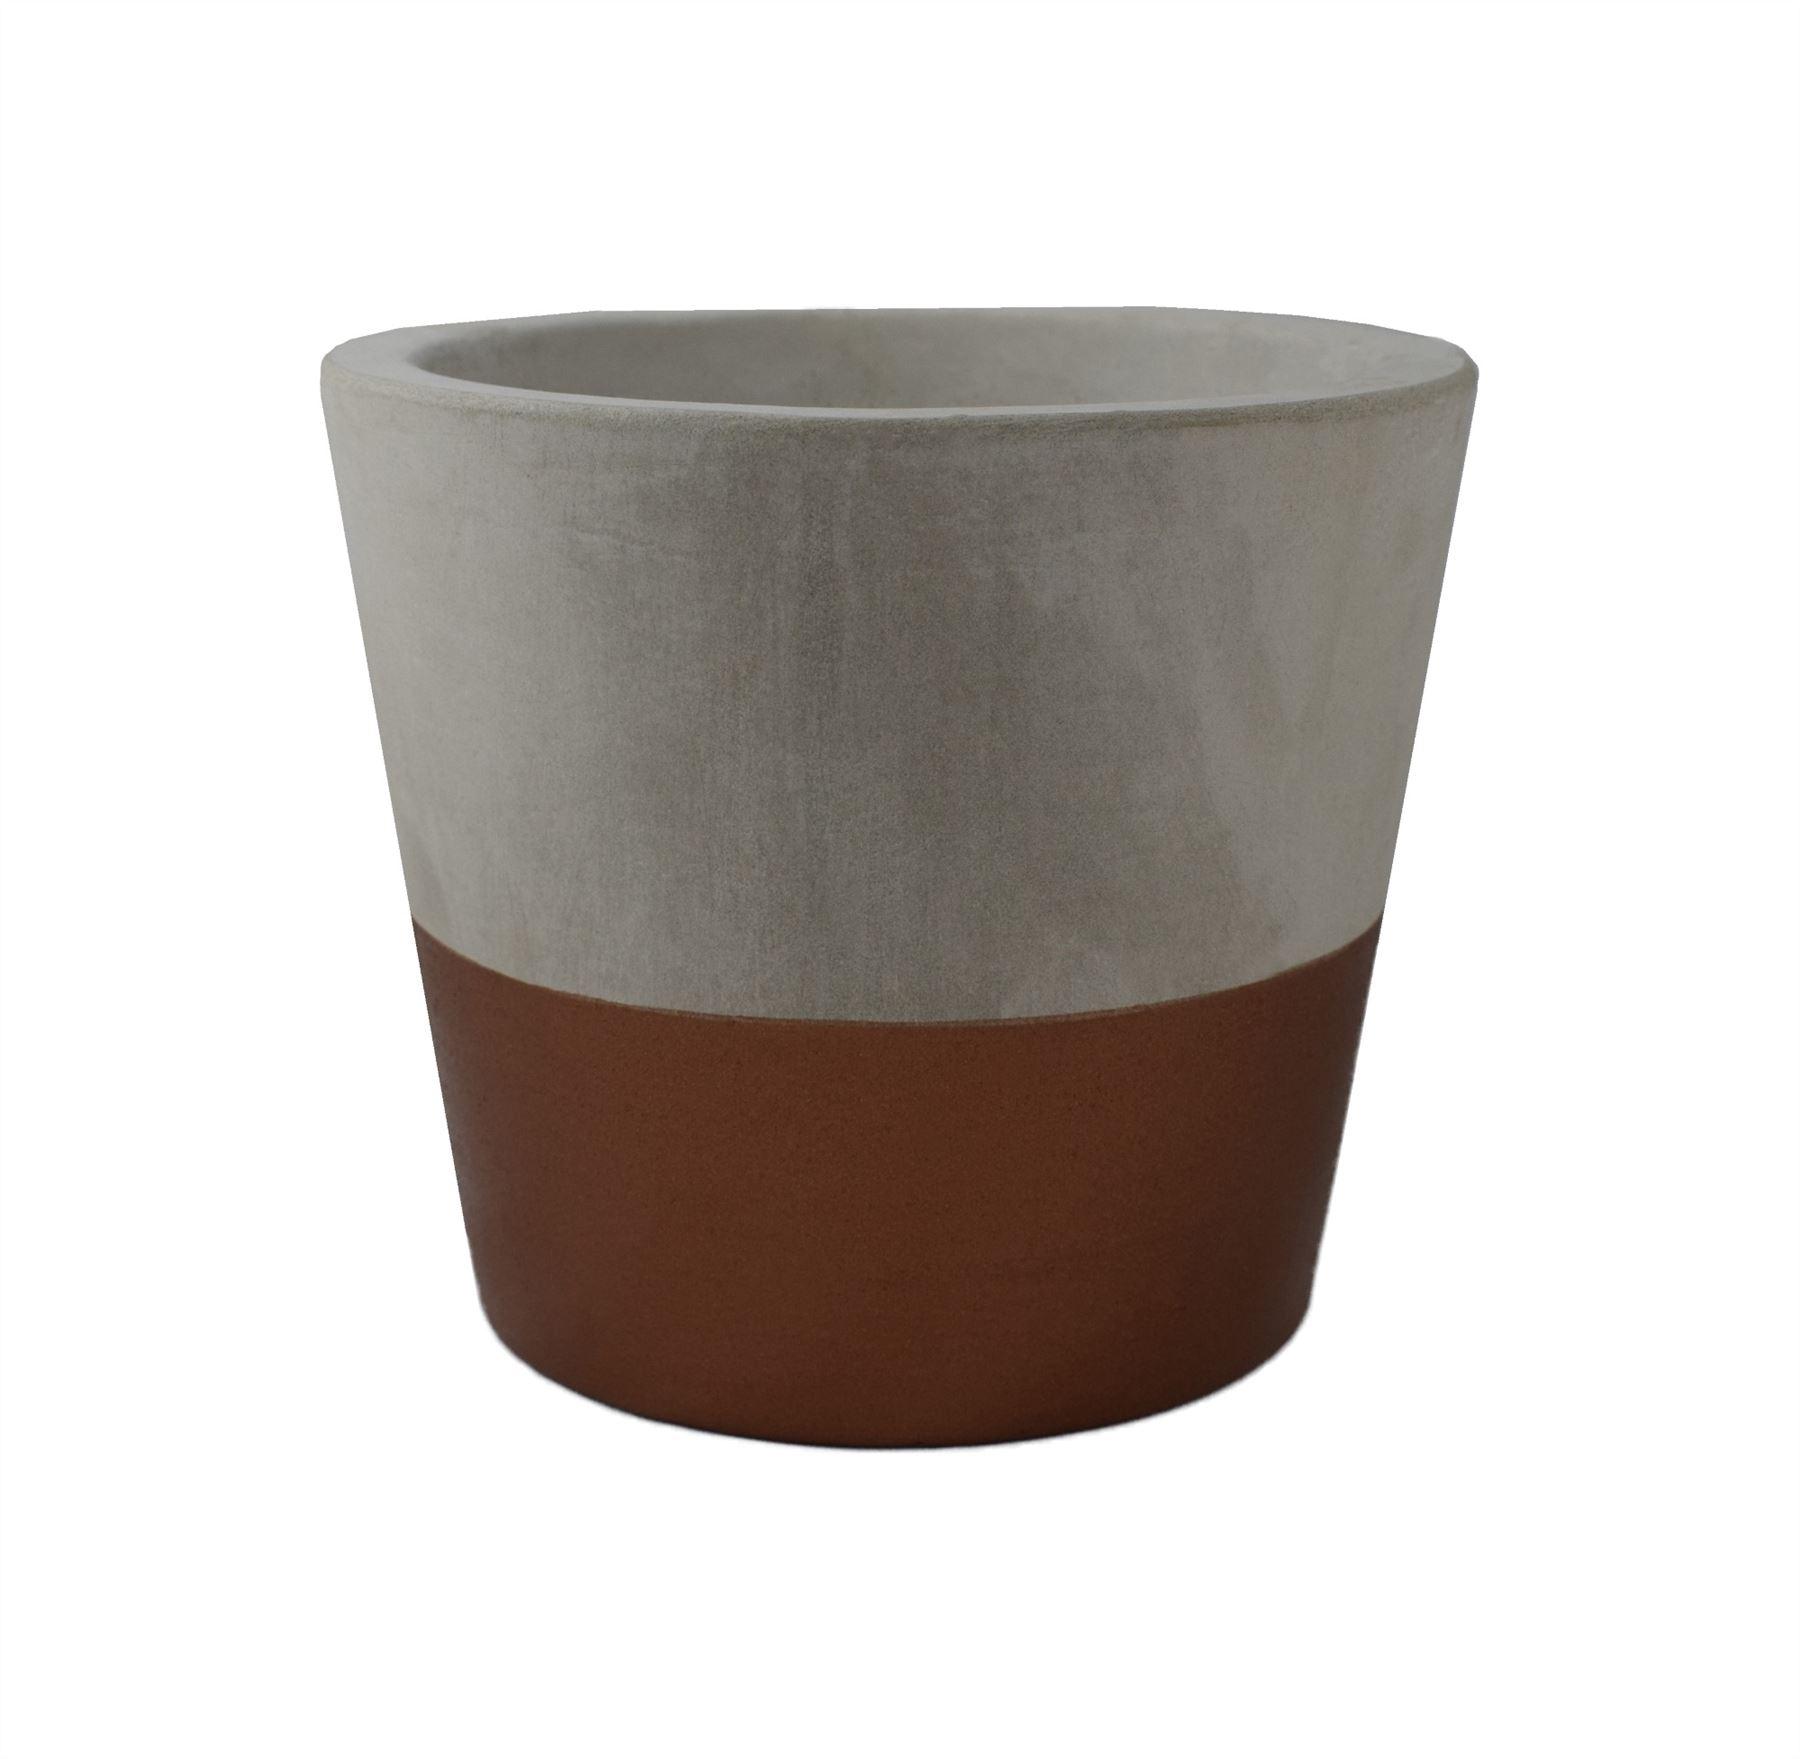 pflanzgefäß pflanze oder blumentopf gold bronze 10cm zement beton